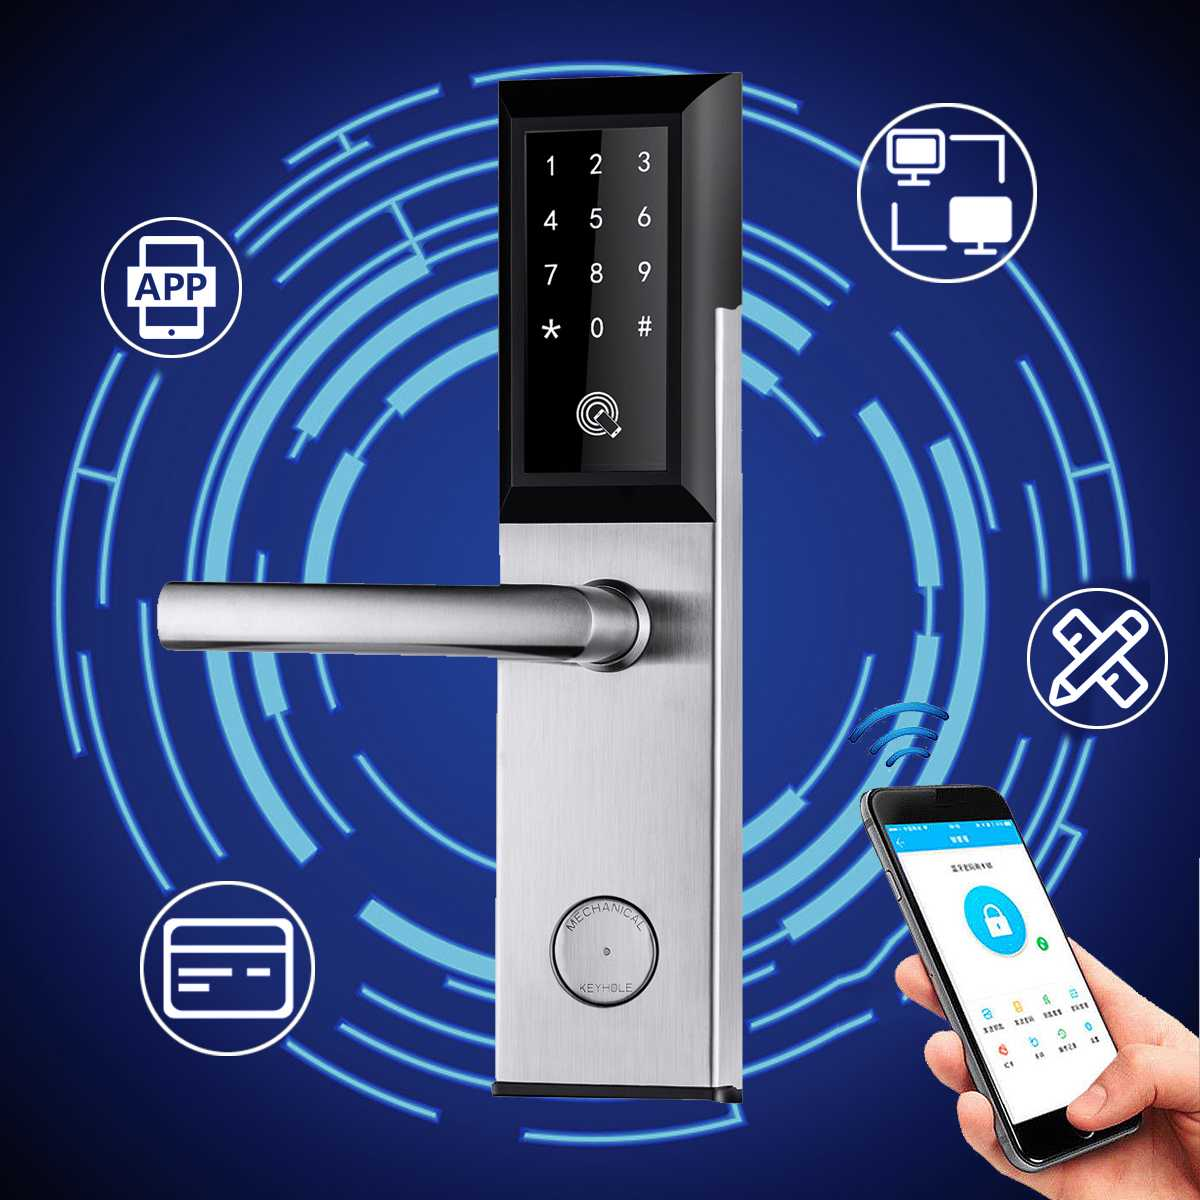 Serrure de porte électronique numérique contrôle Wifi entrée du clavier tactile serrures de porte intelligentes App Code d'appartement maison hôtel à distance